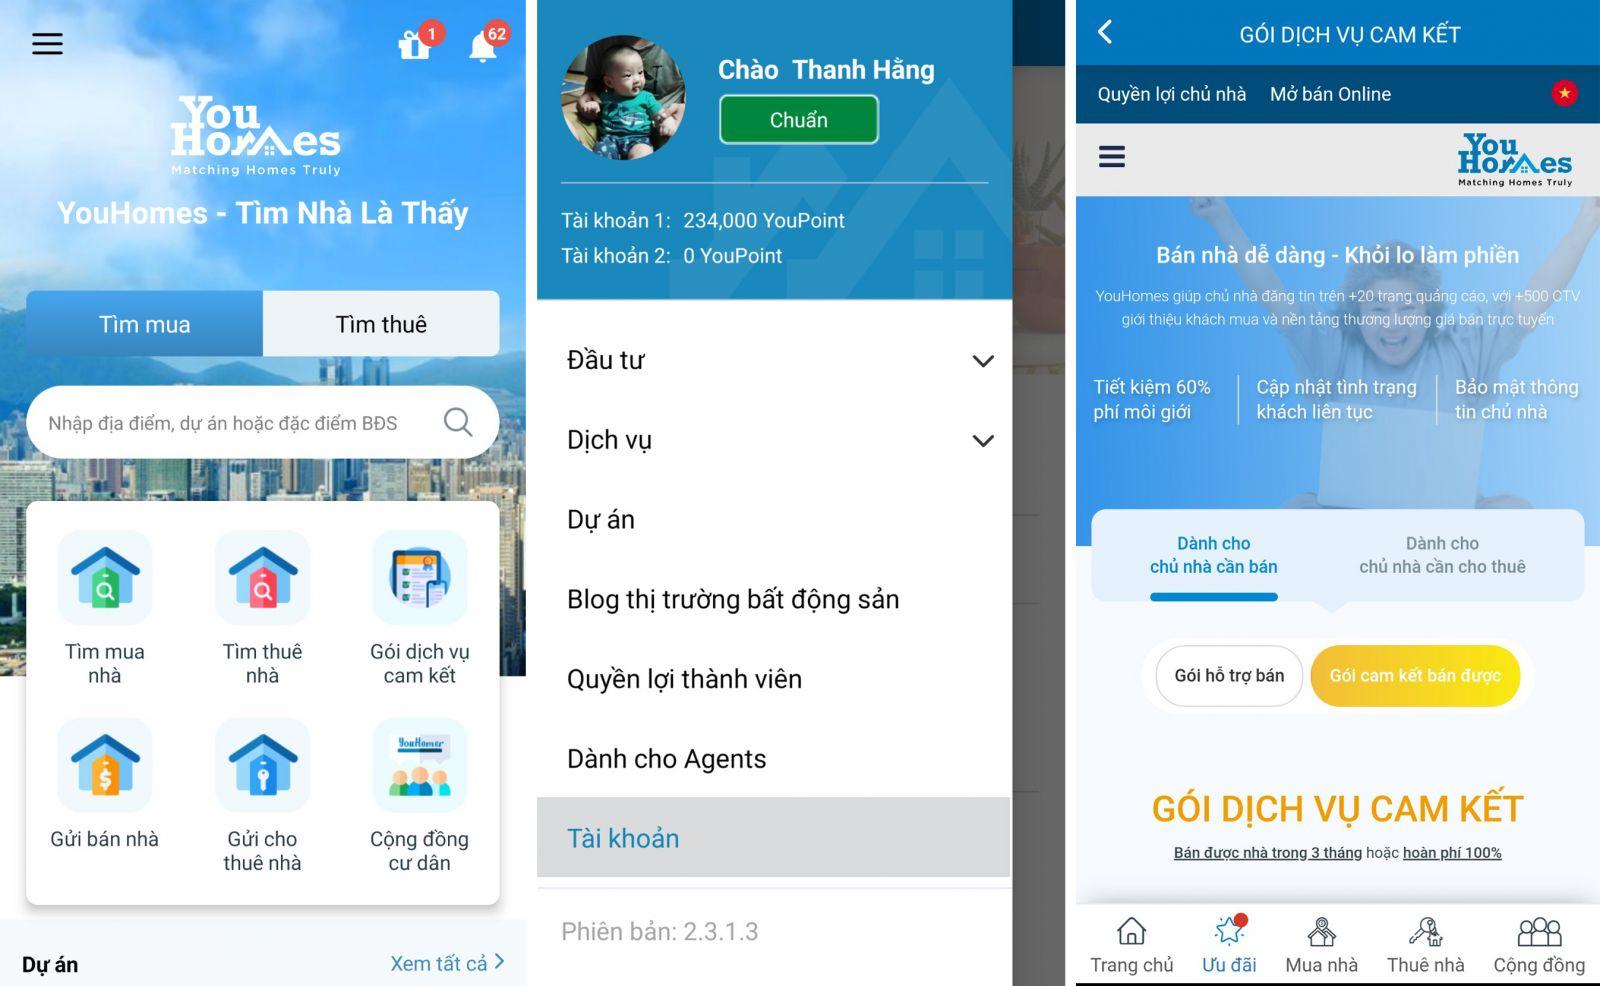 Diện mạo mới của ứng dụng công nghệ BĐS YouHomes.